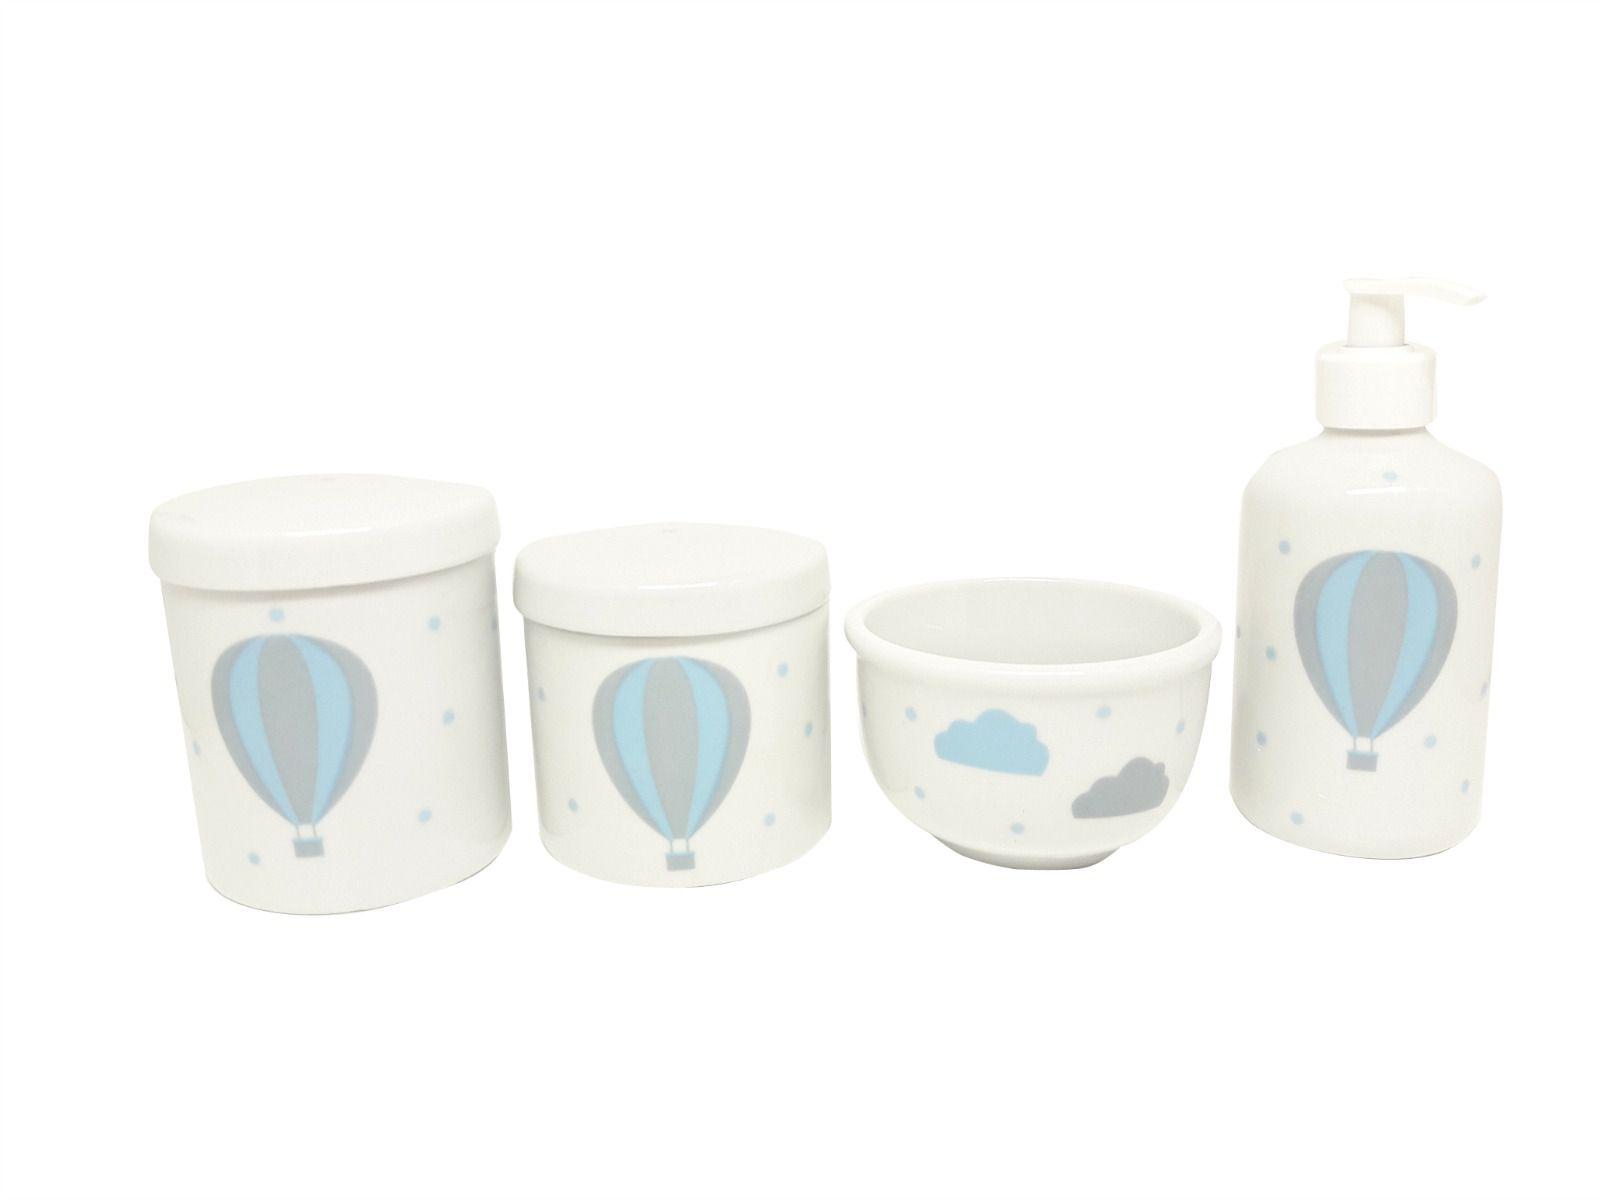 Kit Higiene Bebê Porcelana Balão Azul e Cinza   Nuvem   4 peças  